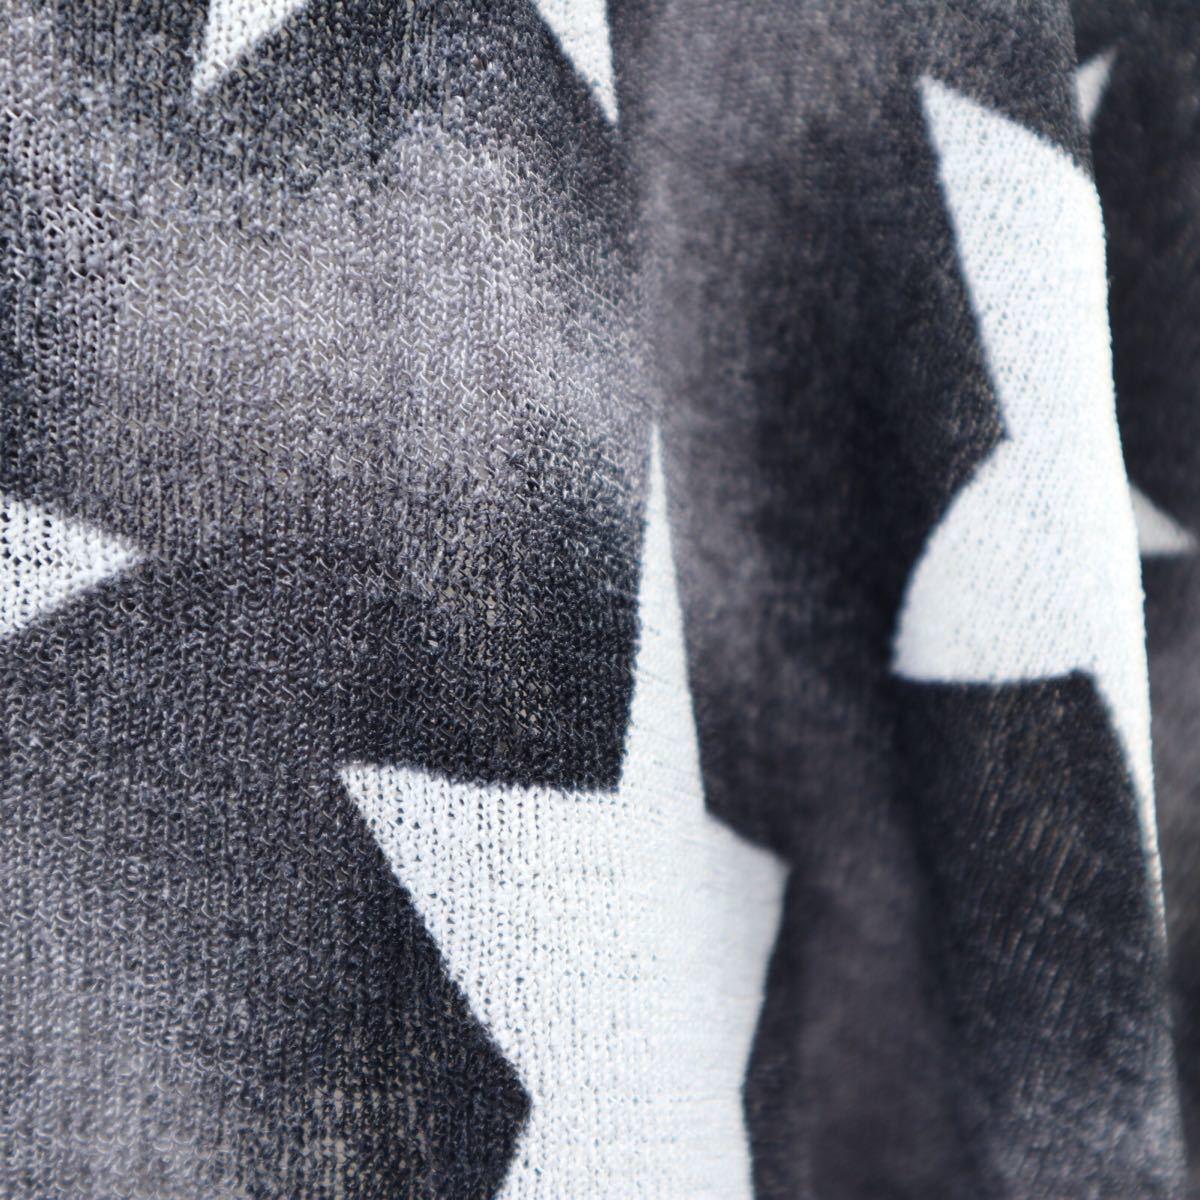 ドルマン 星柄 グレー サマーニット カーディガン 水着 トップス